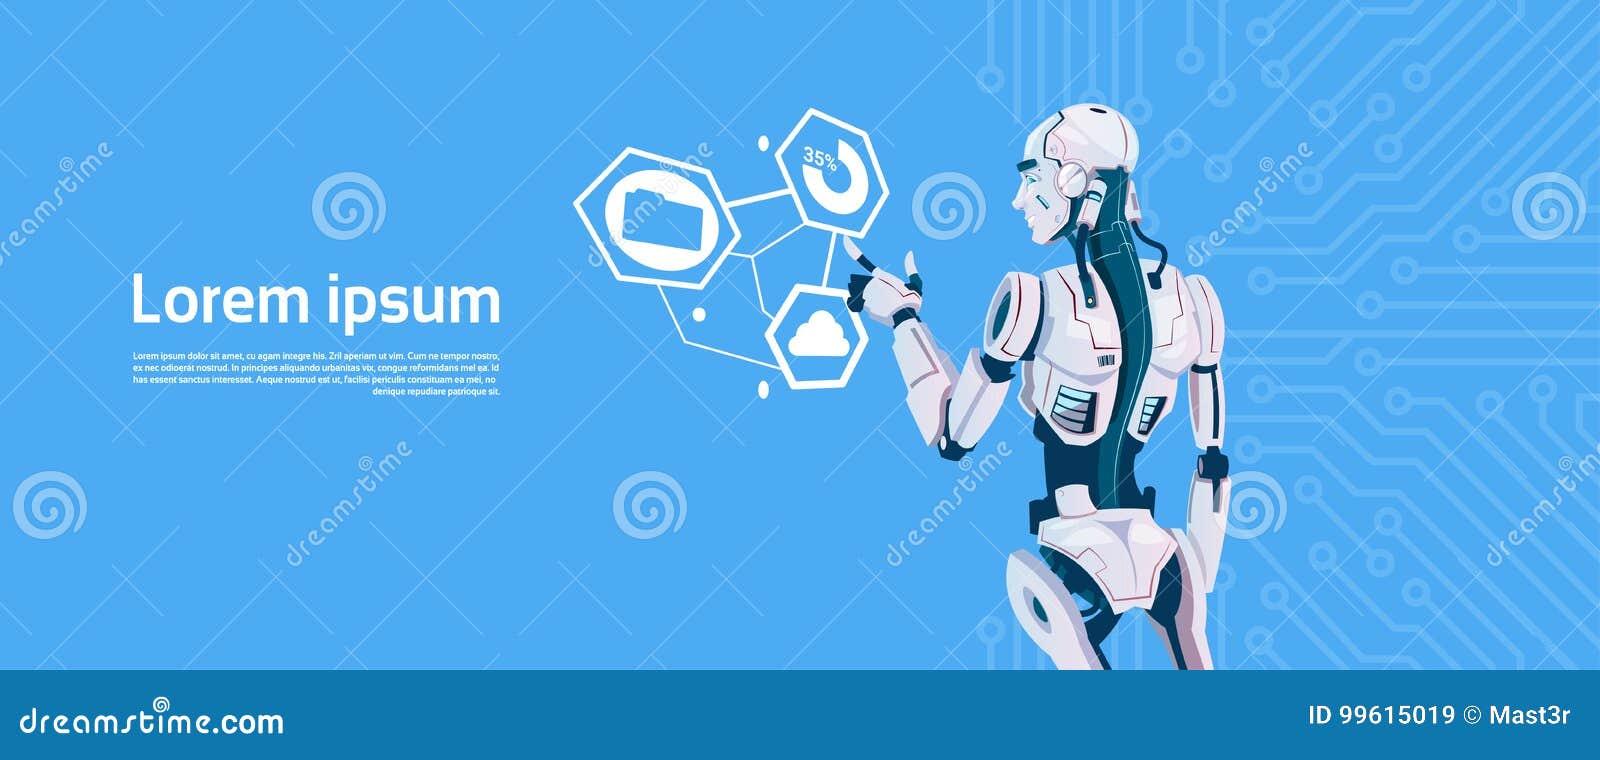 Moderner Roboter unter Verwendung Monitors des Digital-Bildschirm-, futuristische künstliche Intelligenz-Mechanismus-Technologie